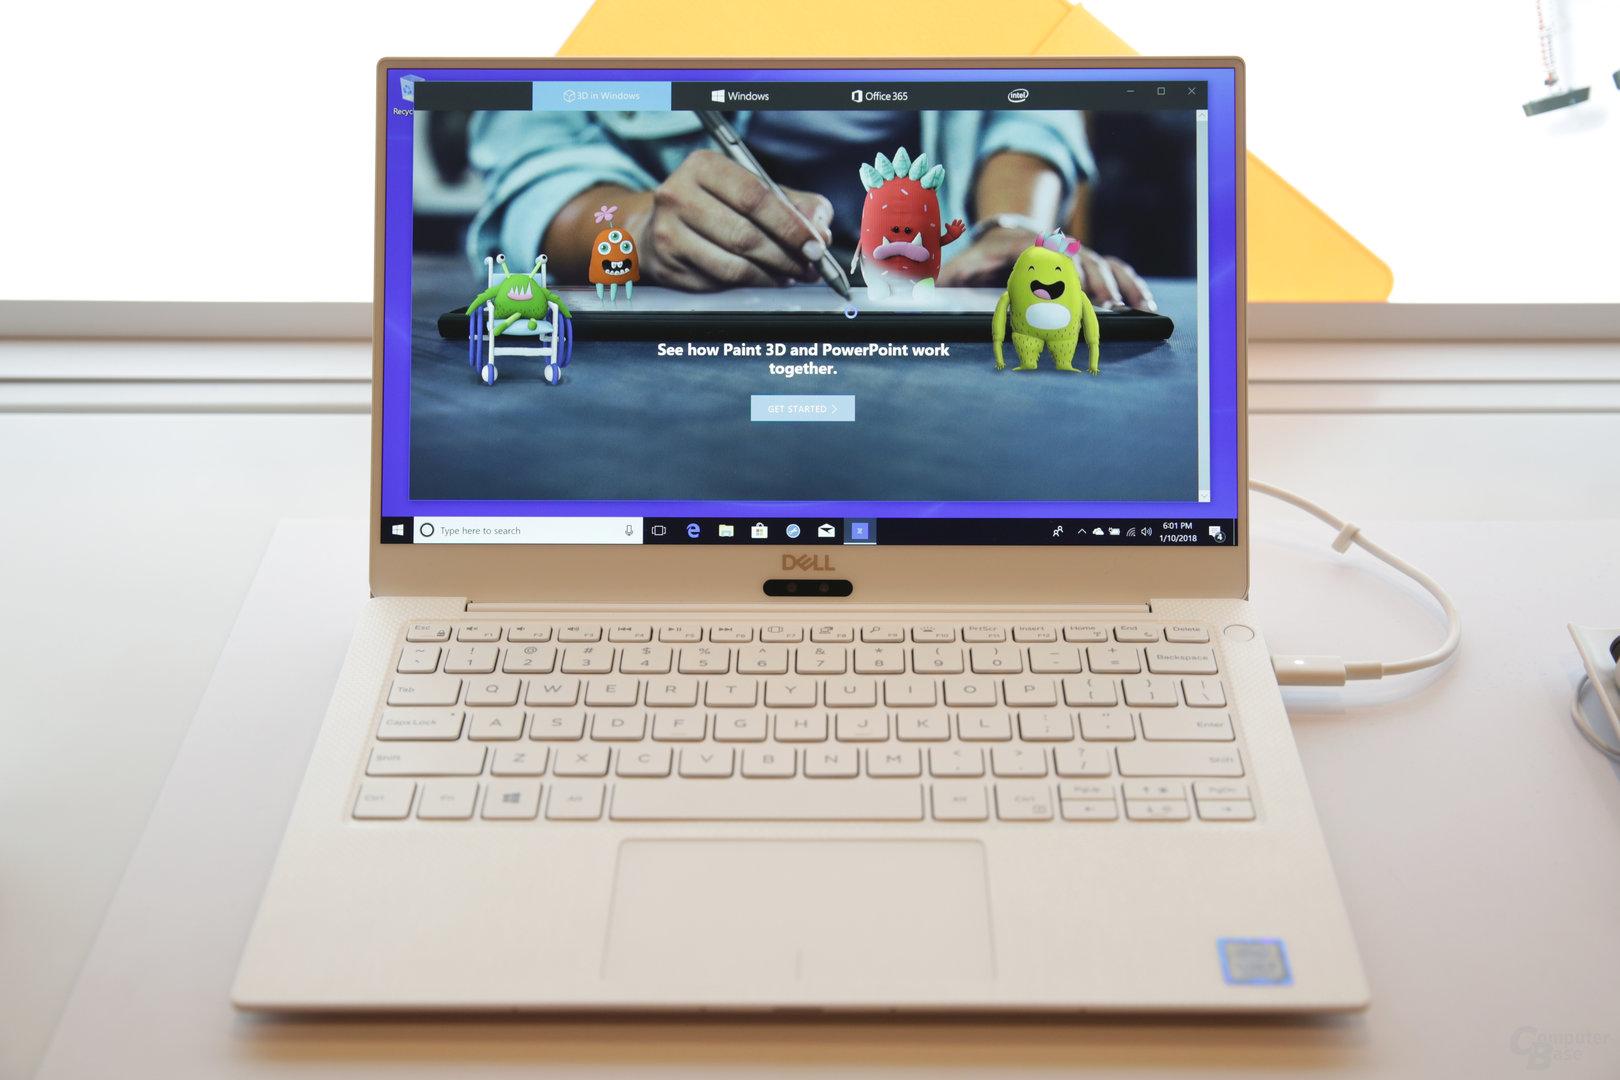 XPS 13 mit neuem 4K-Display und Innenseite in Alpinweiß